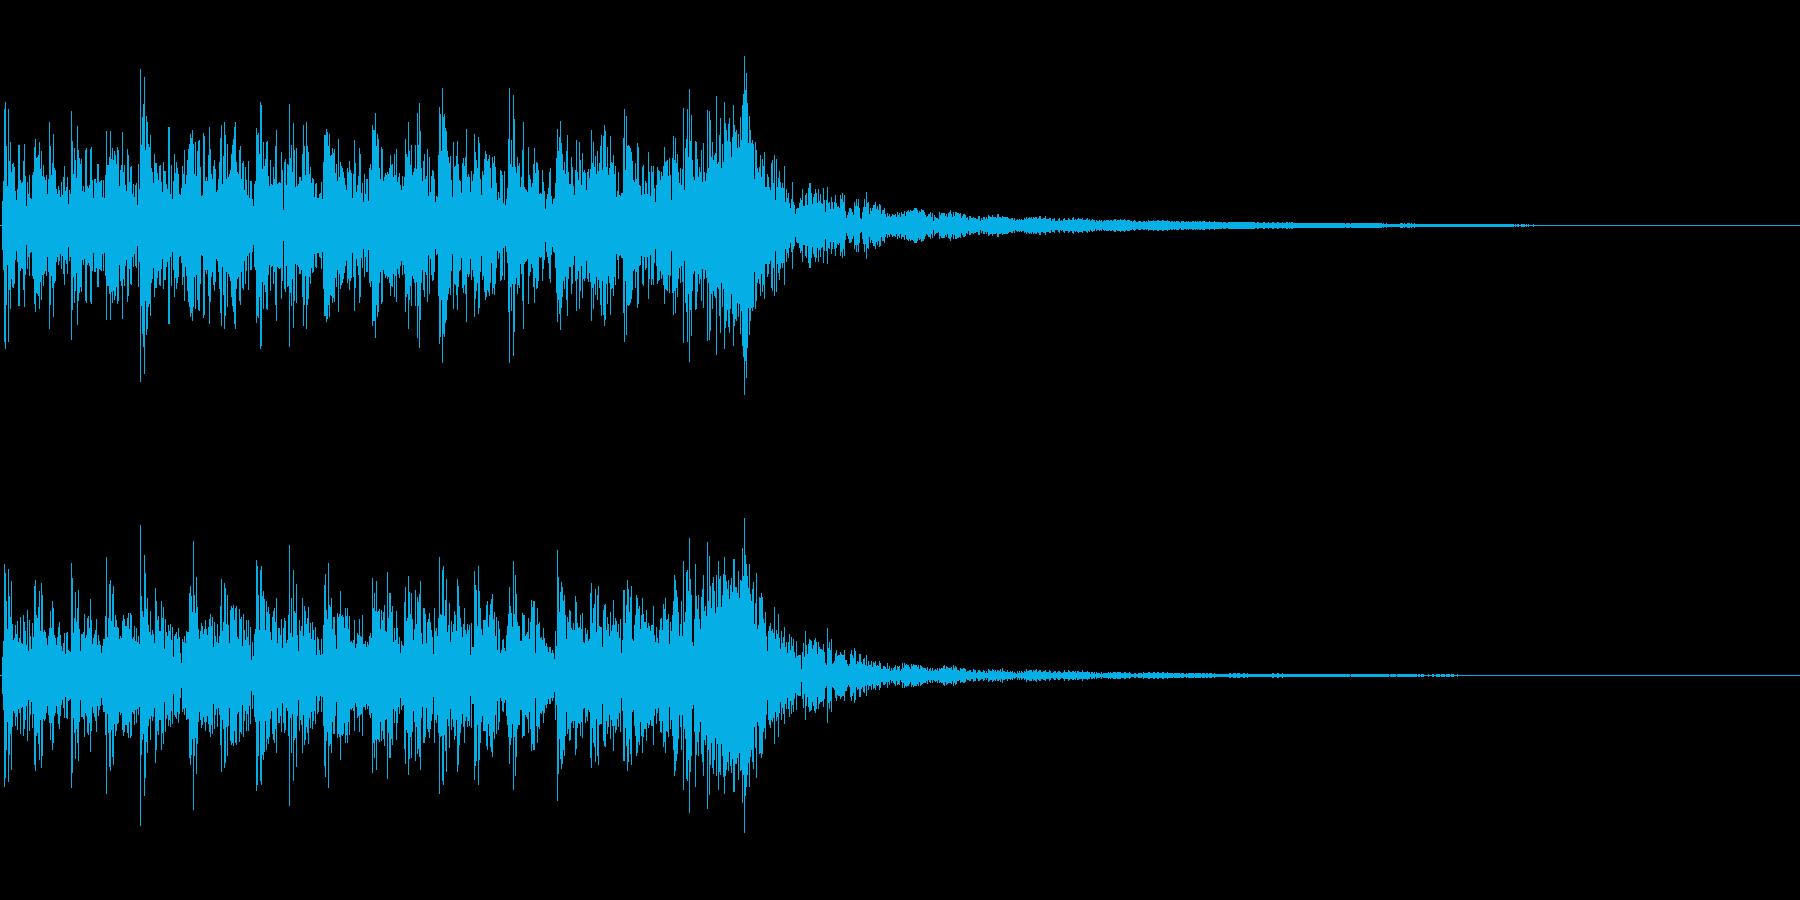 和太鼓のお囃子の再生済みの波形